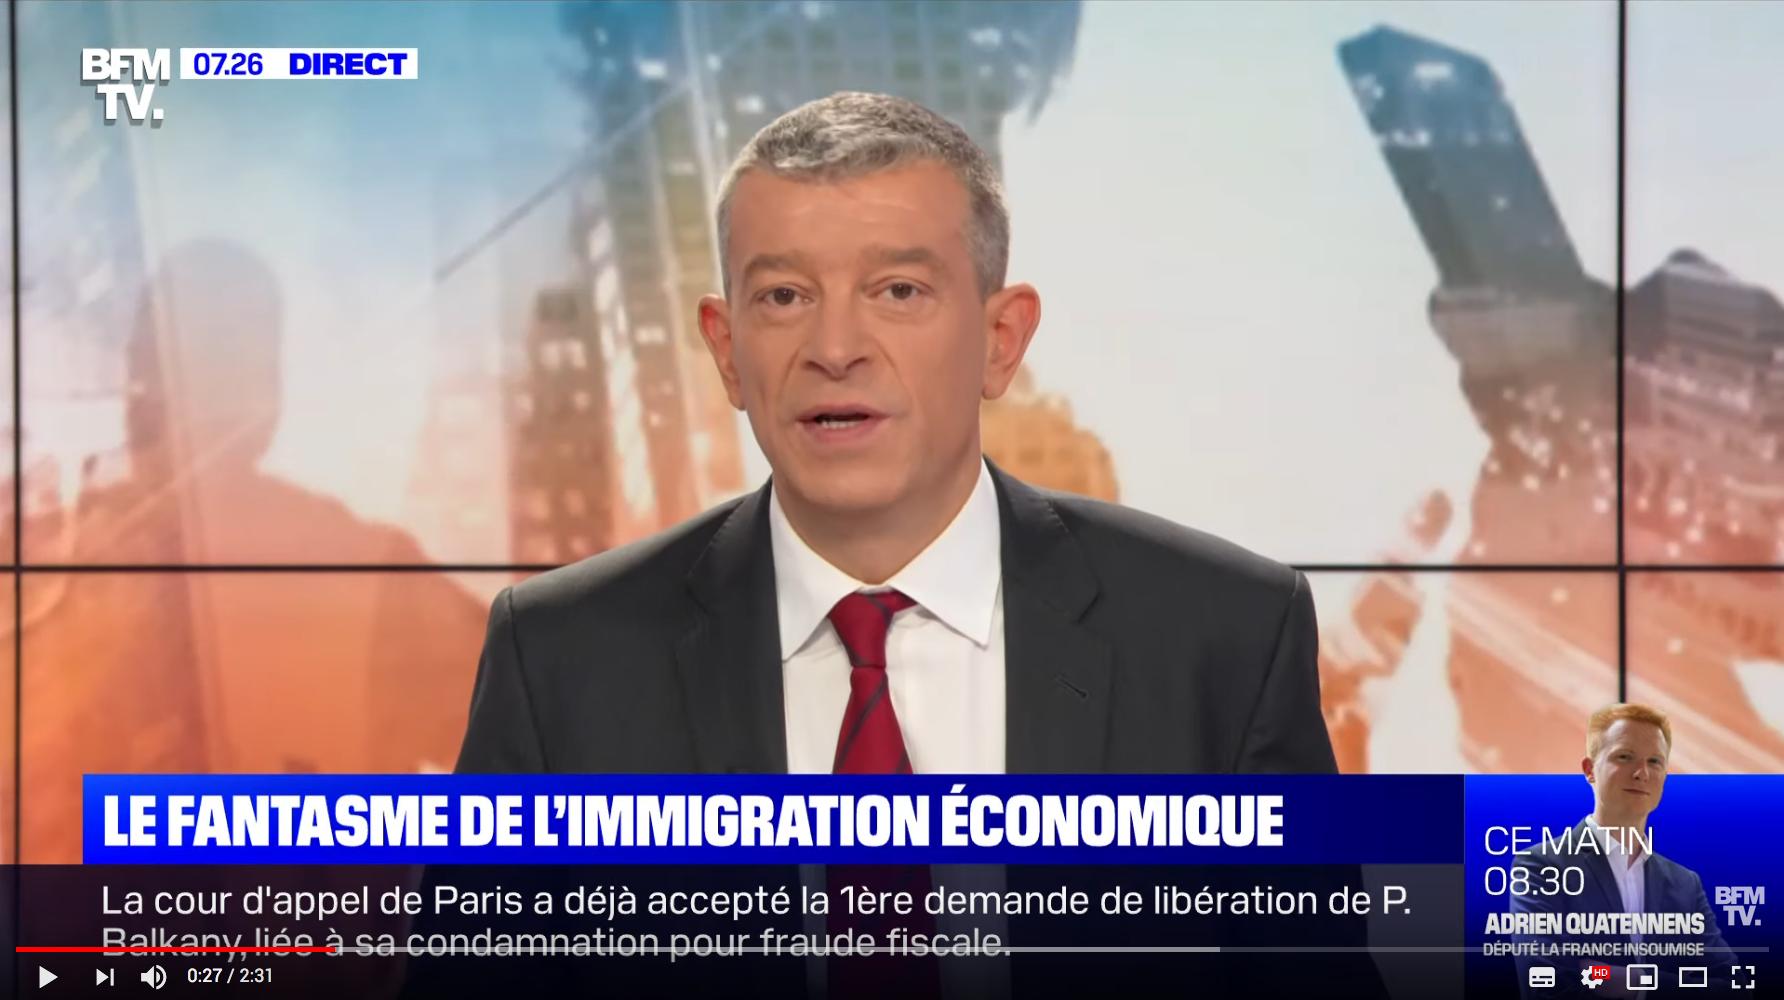 Le fantasme de l'immigration économique (Nicolas Doze)